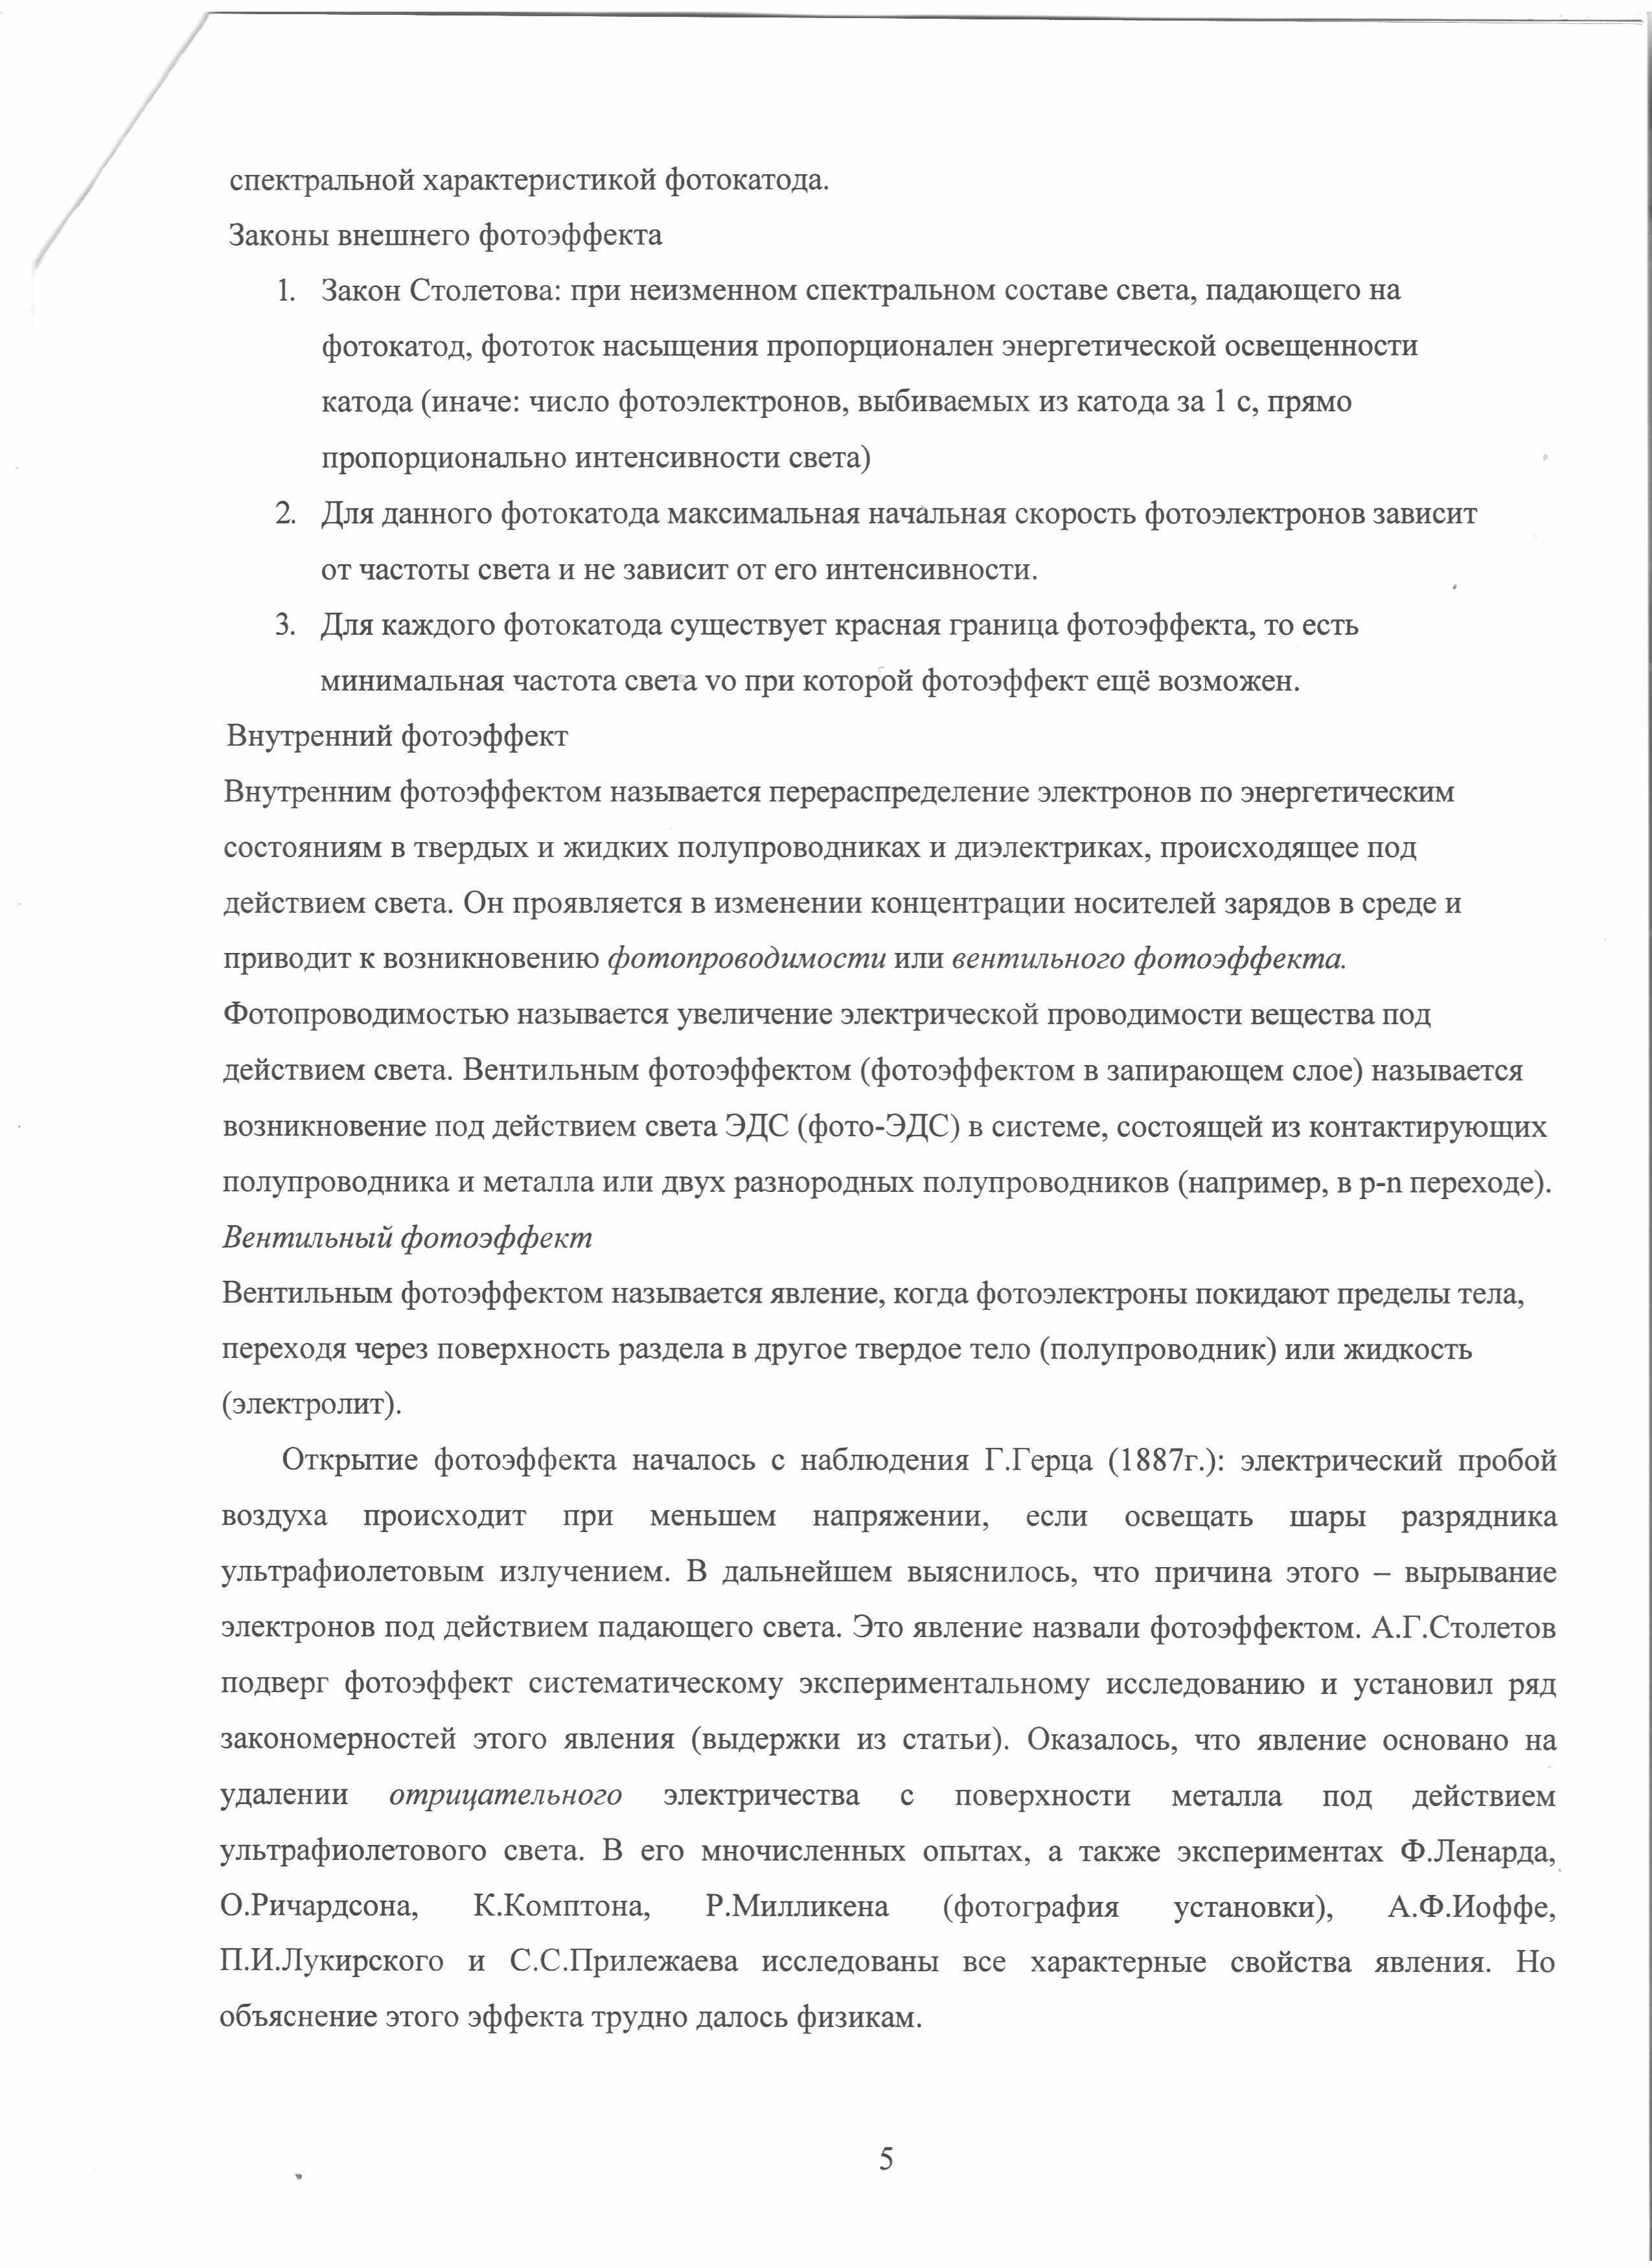 F:\диагностика\Сангаджиев В.Н\2015-09-28\020.tif